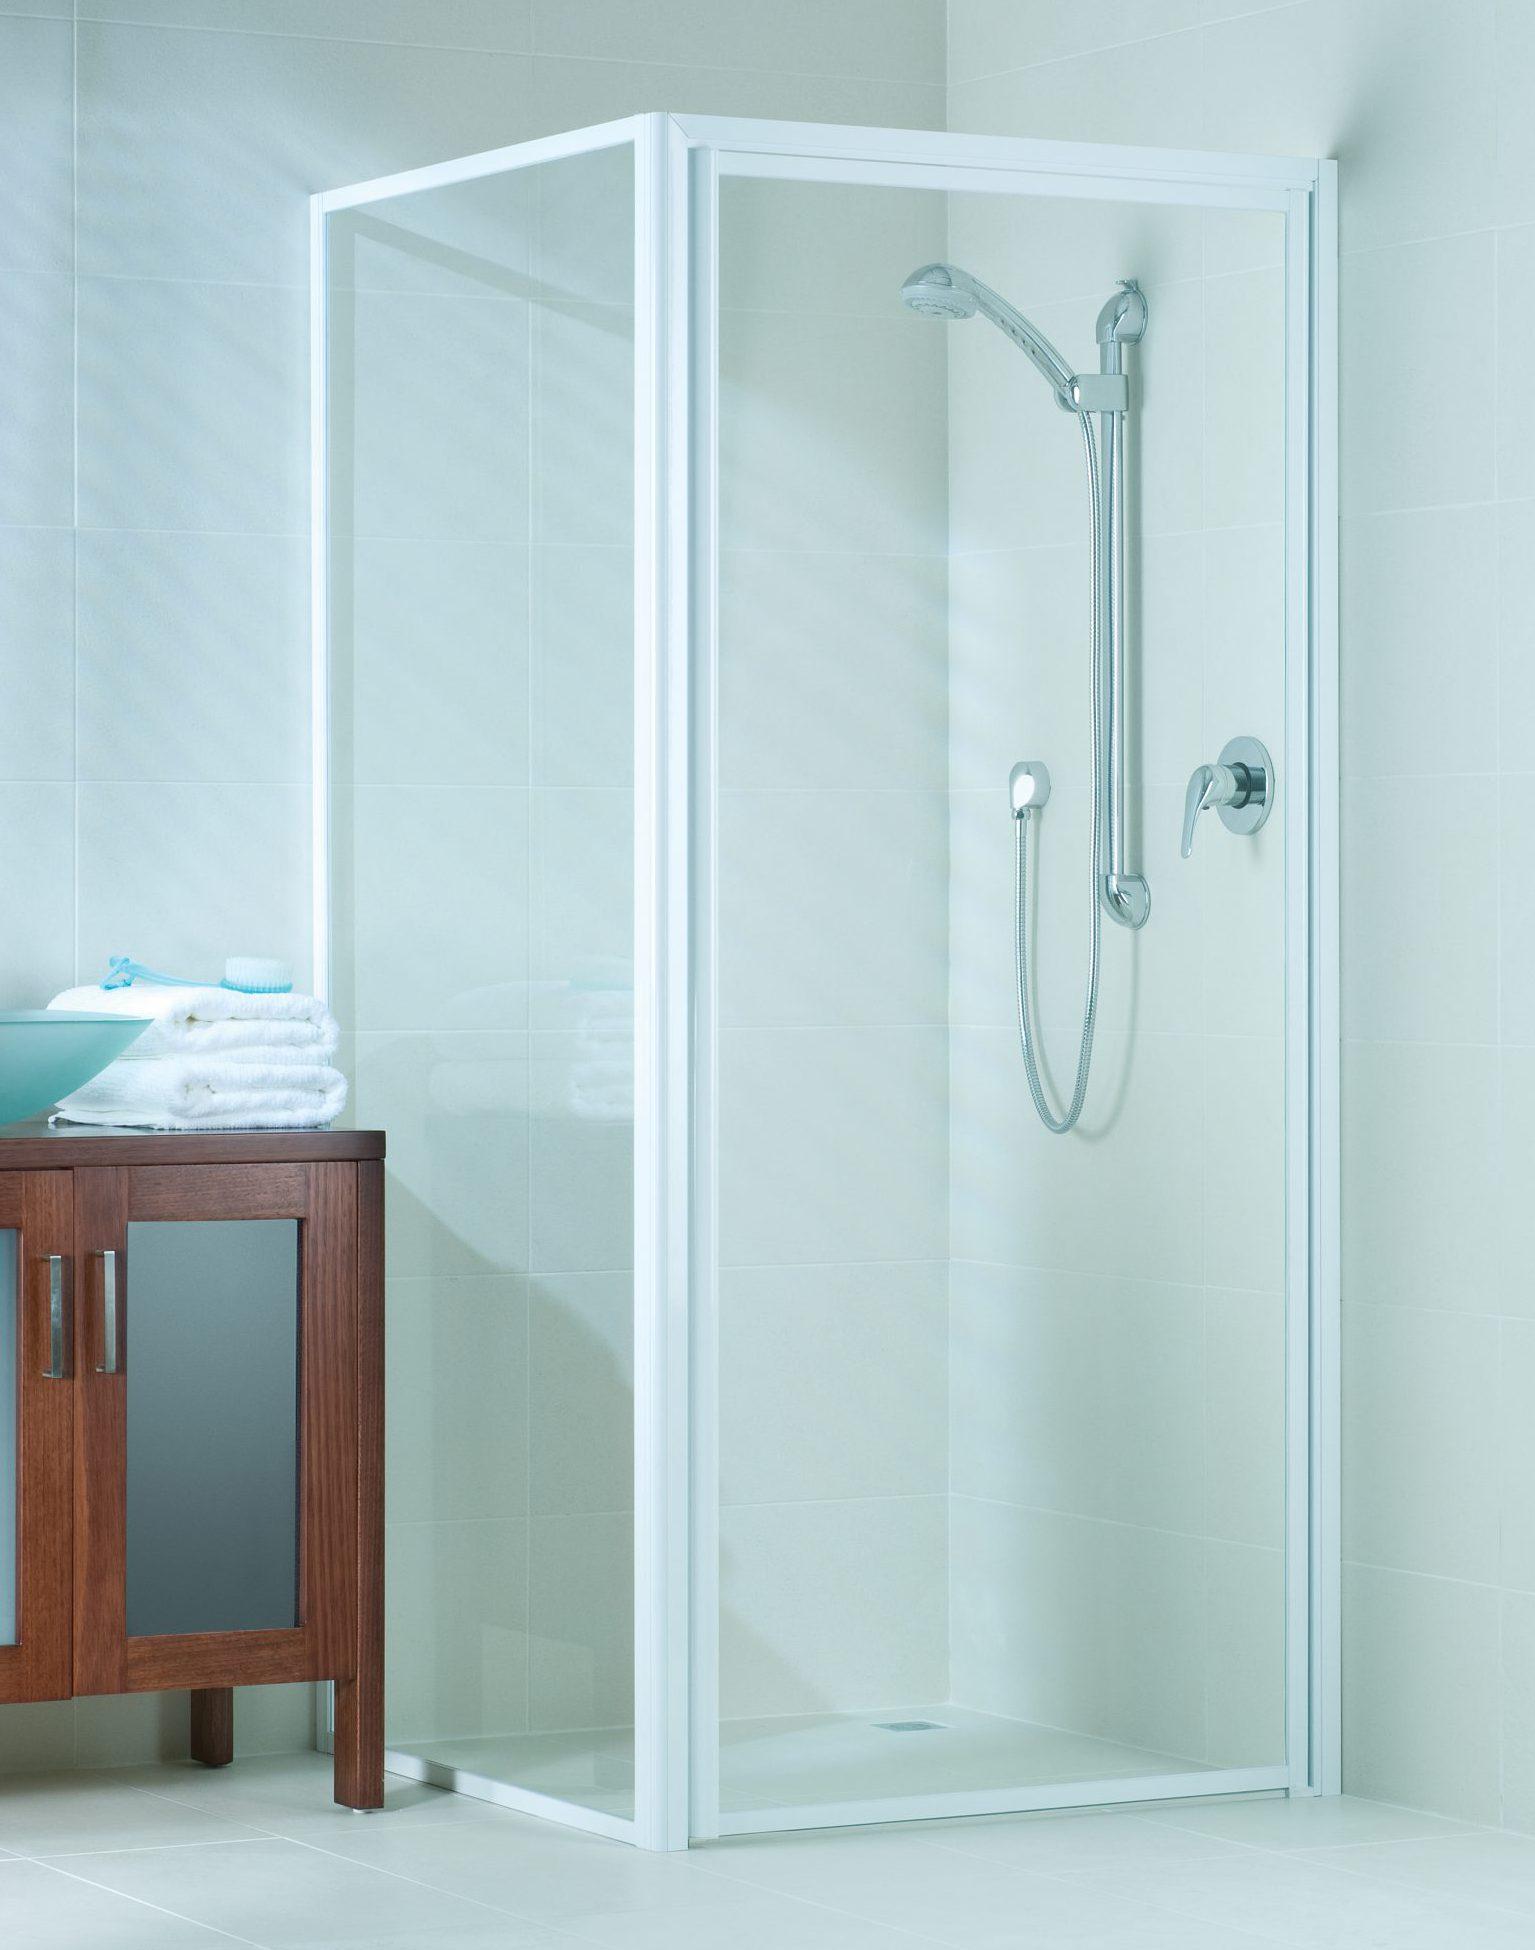 sill-less shower door